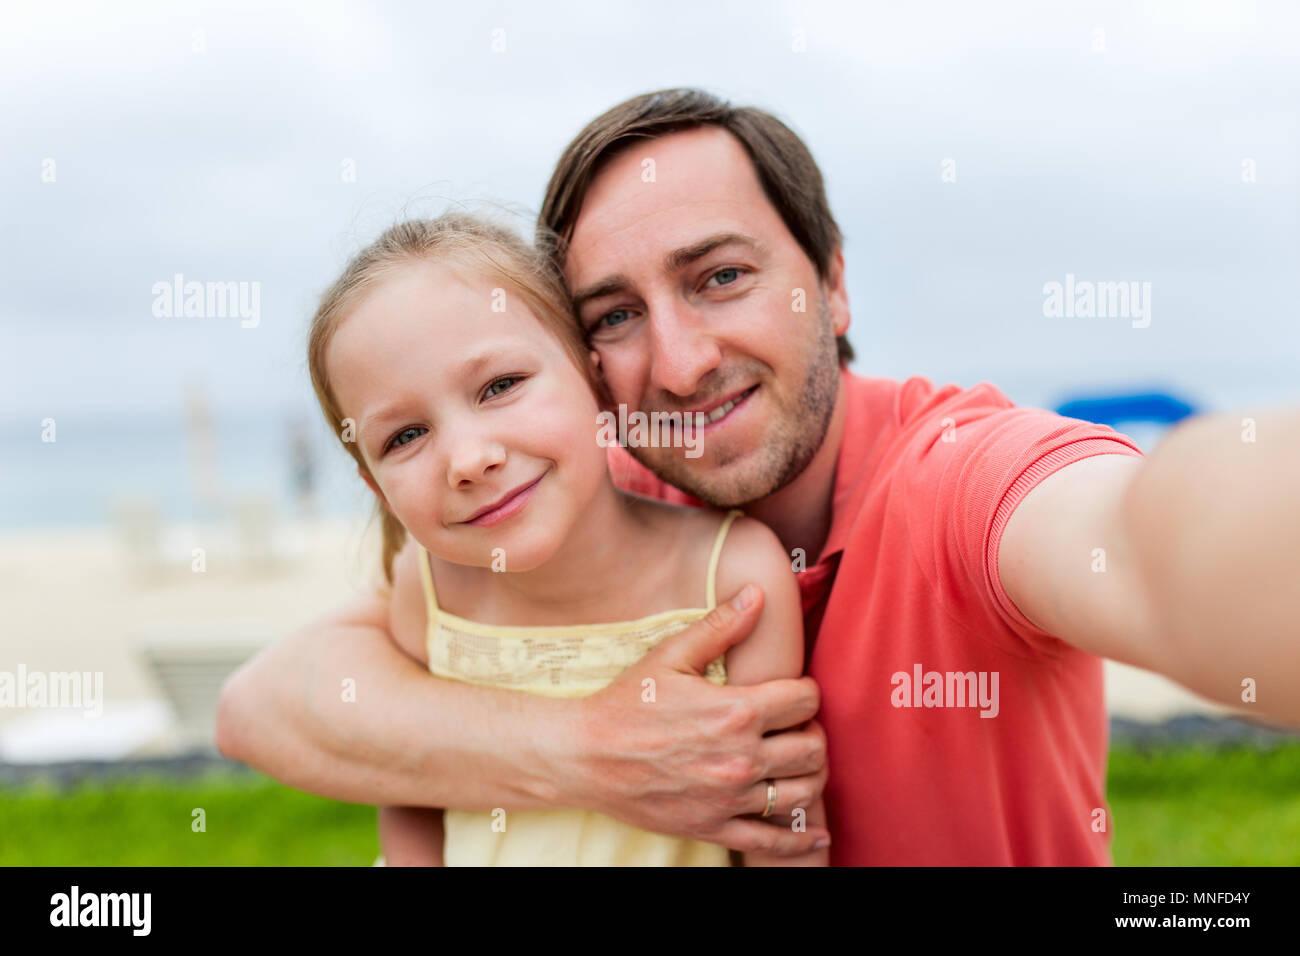 Glückliche Familie Vater und seinem süßen kleinen Tochter am Strand, selfie Stockbild